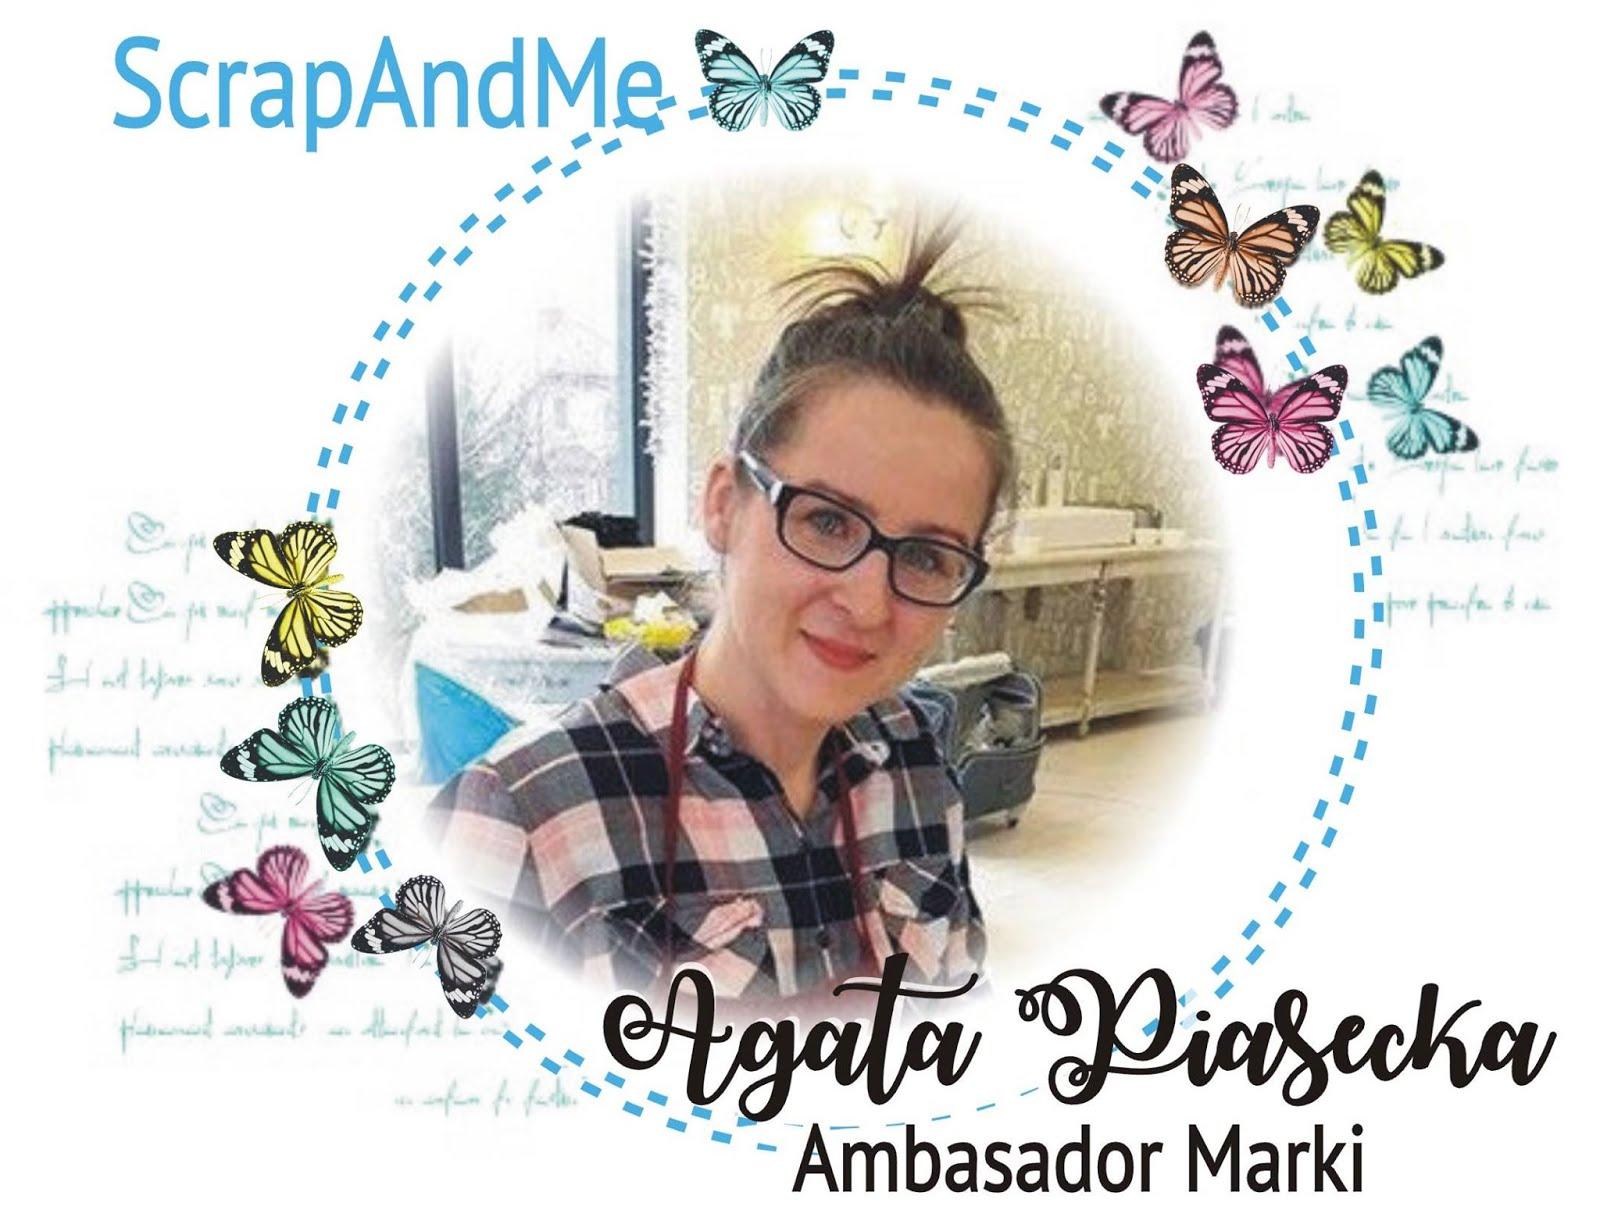 Agata Piasecka - Ambasador